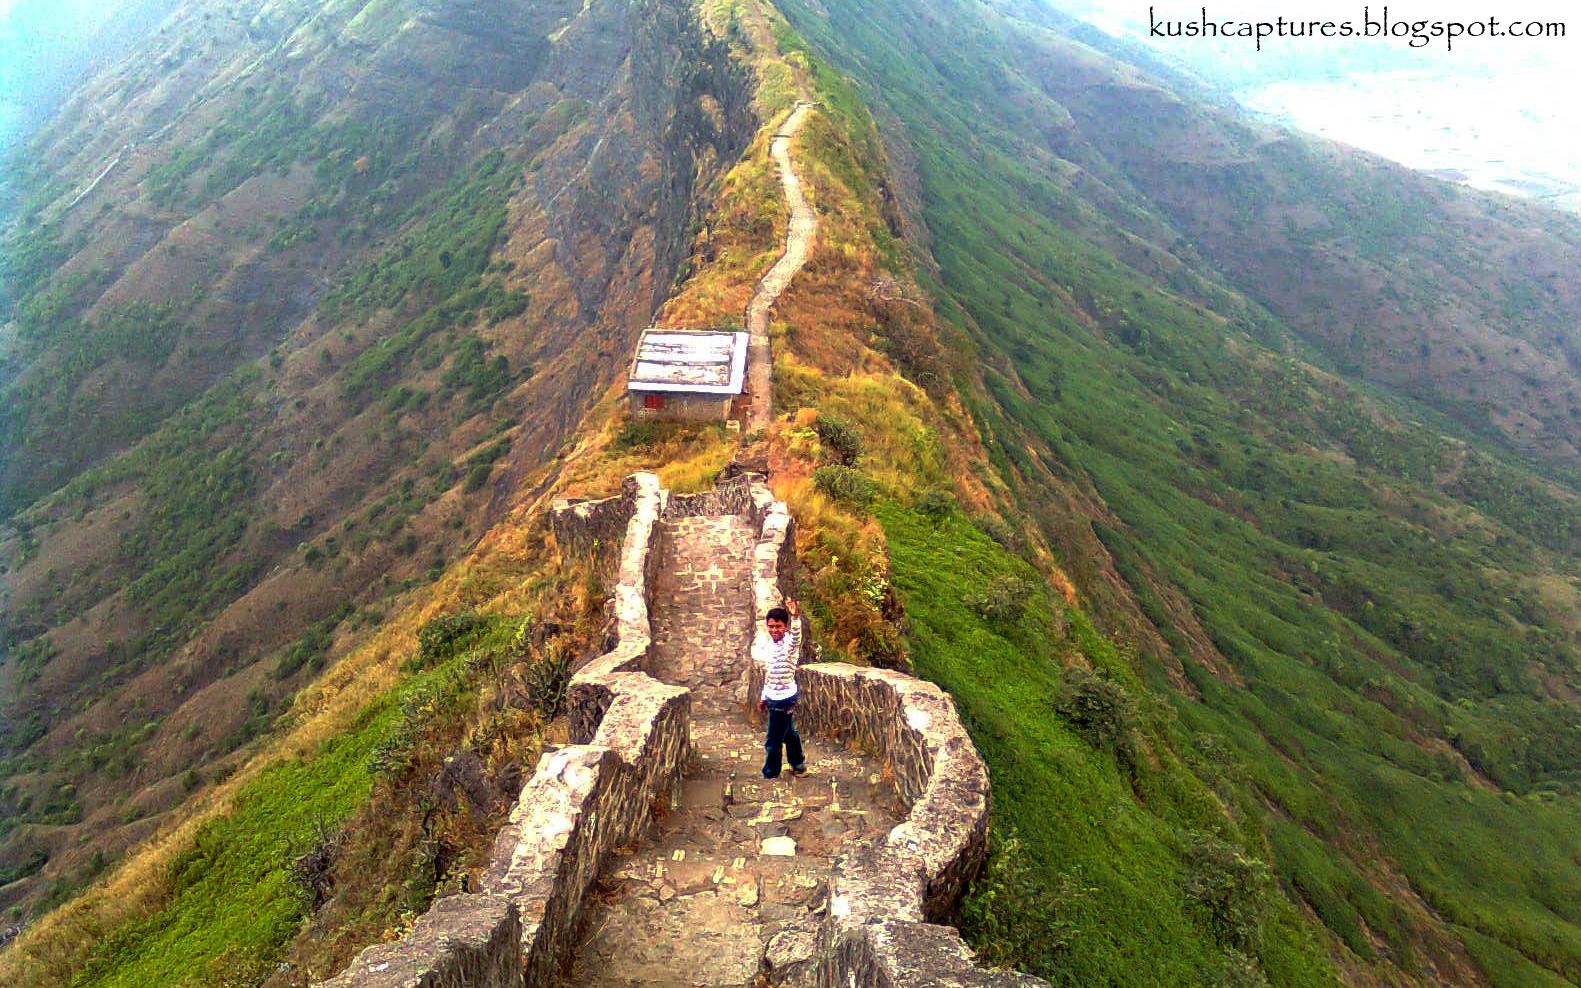 kush captures walk on the mangi tungi wall